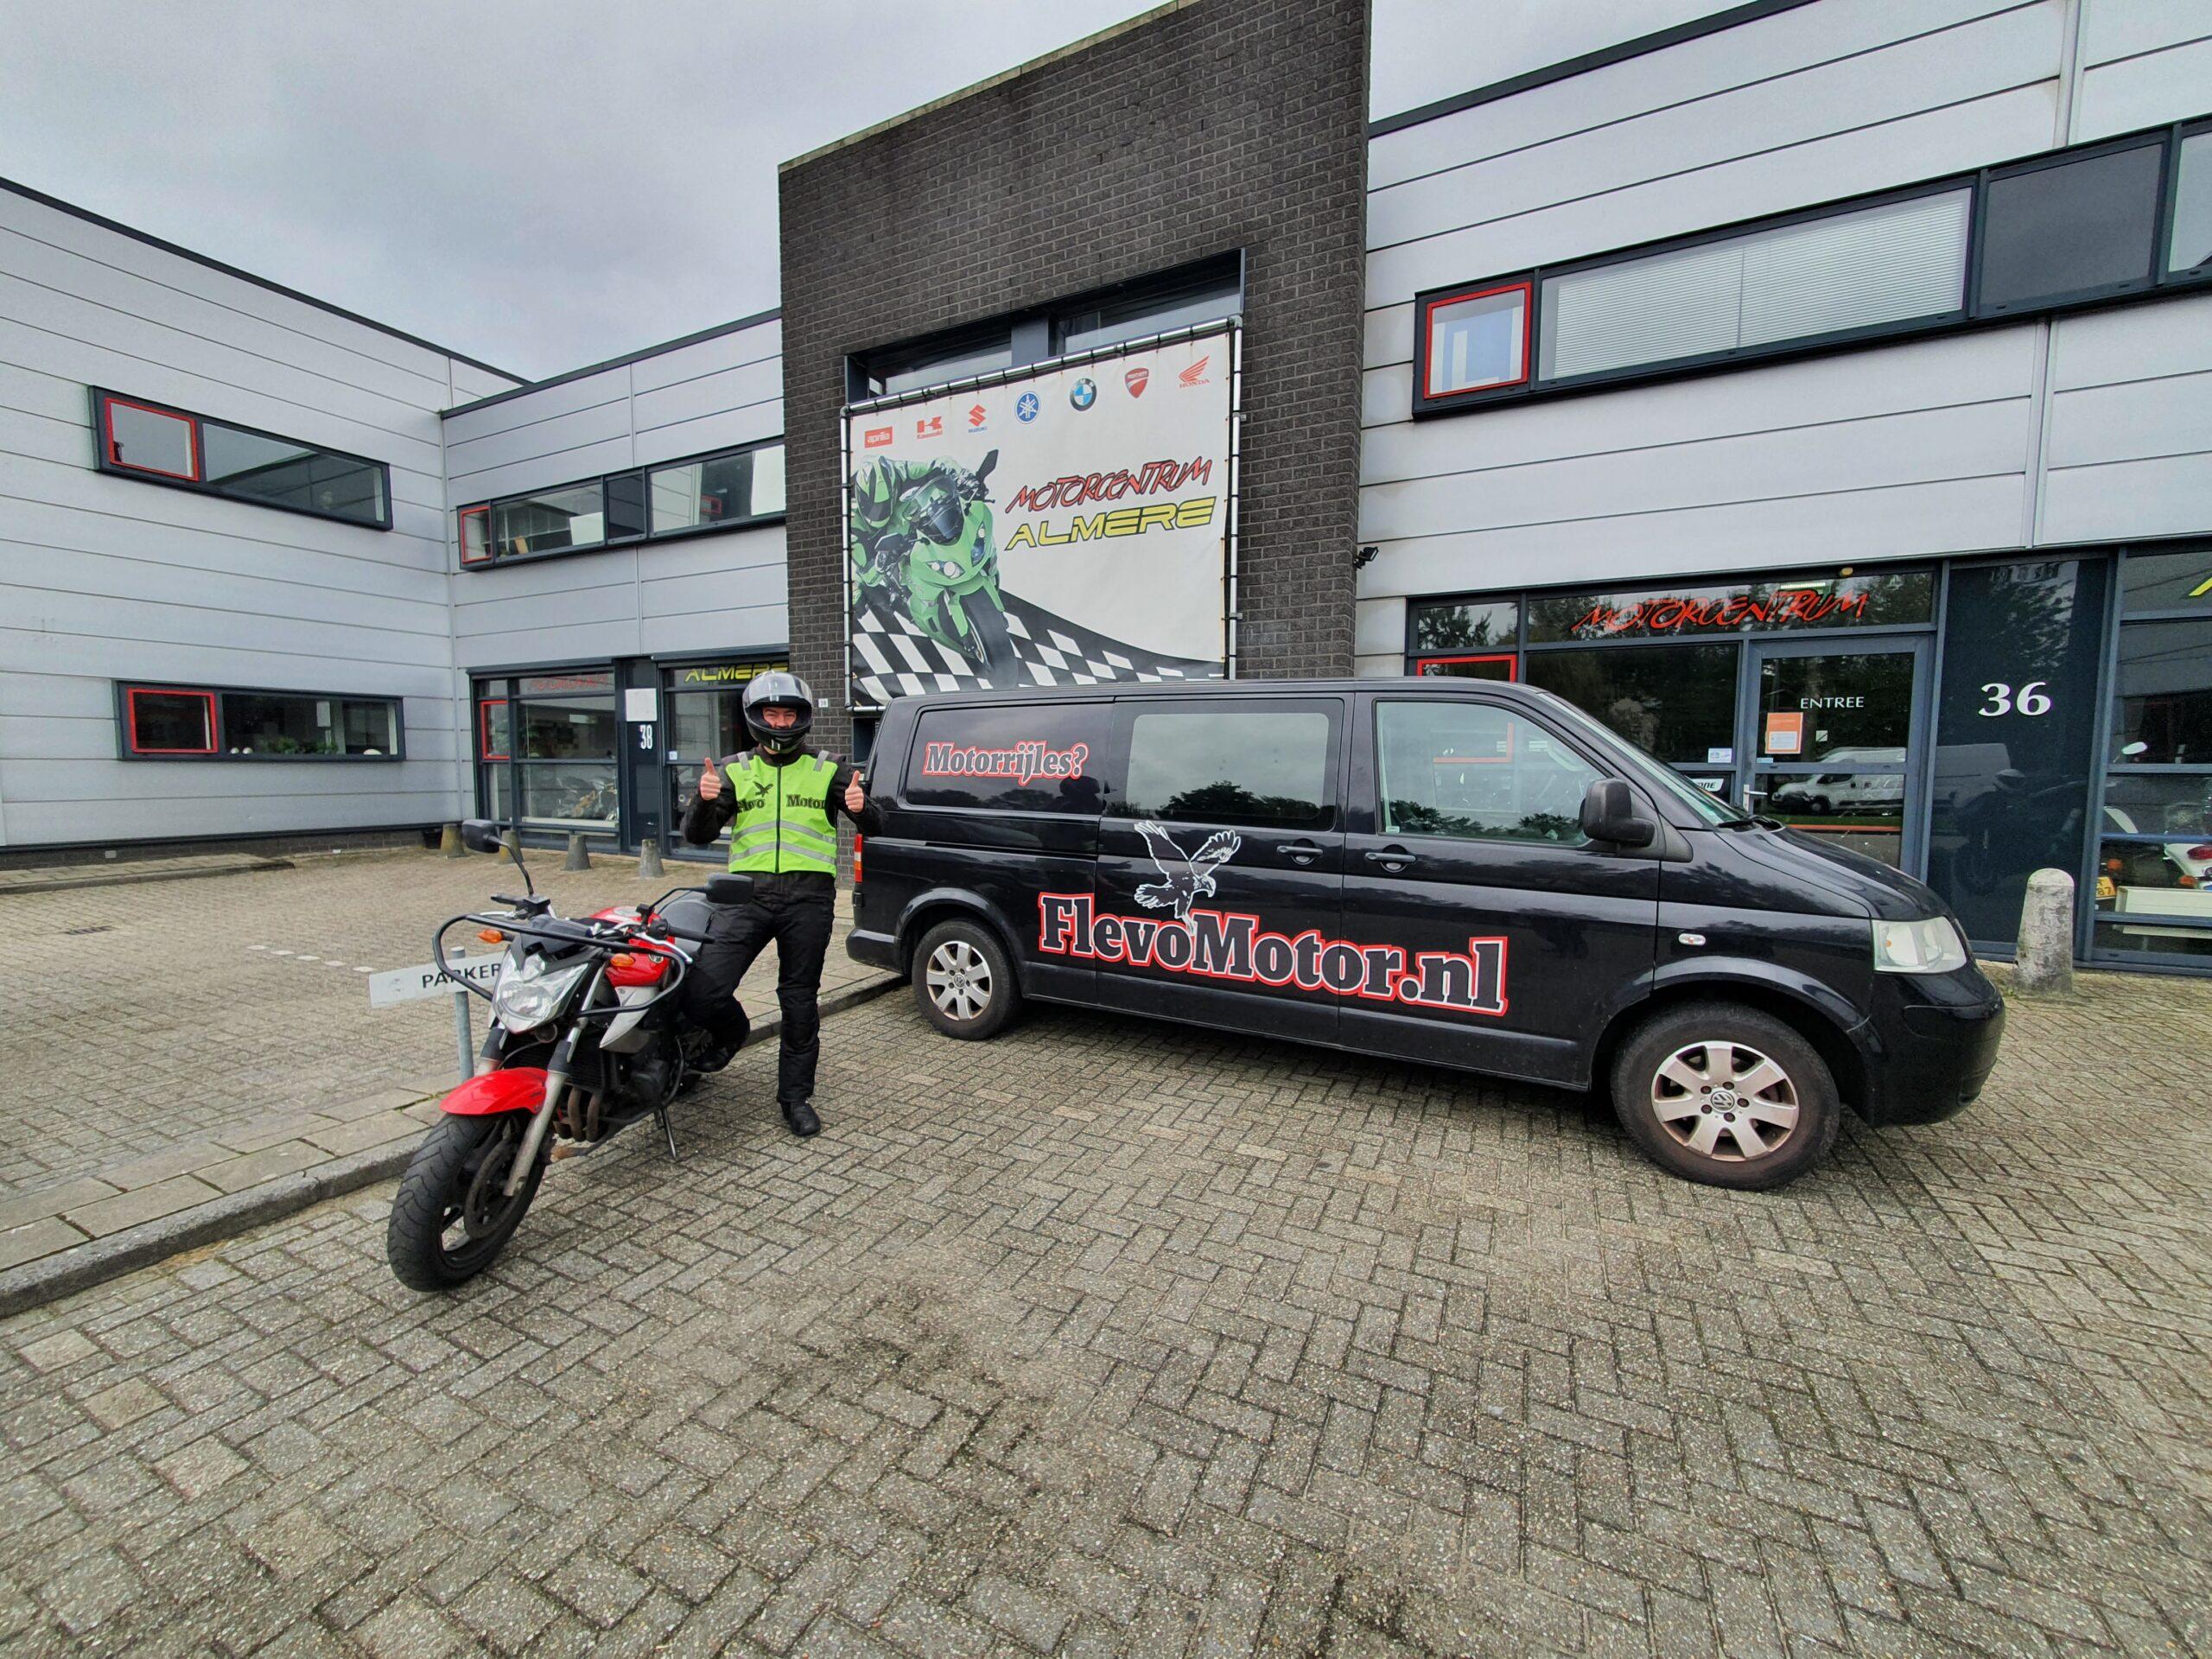 Tijmen ook bij FlevoMotor in een keer geslaagd voor zijn A2 motorrijbewijs.